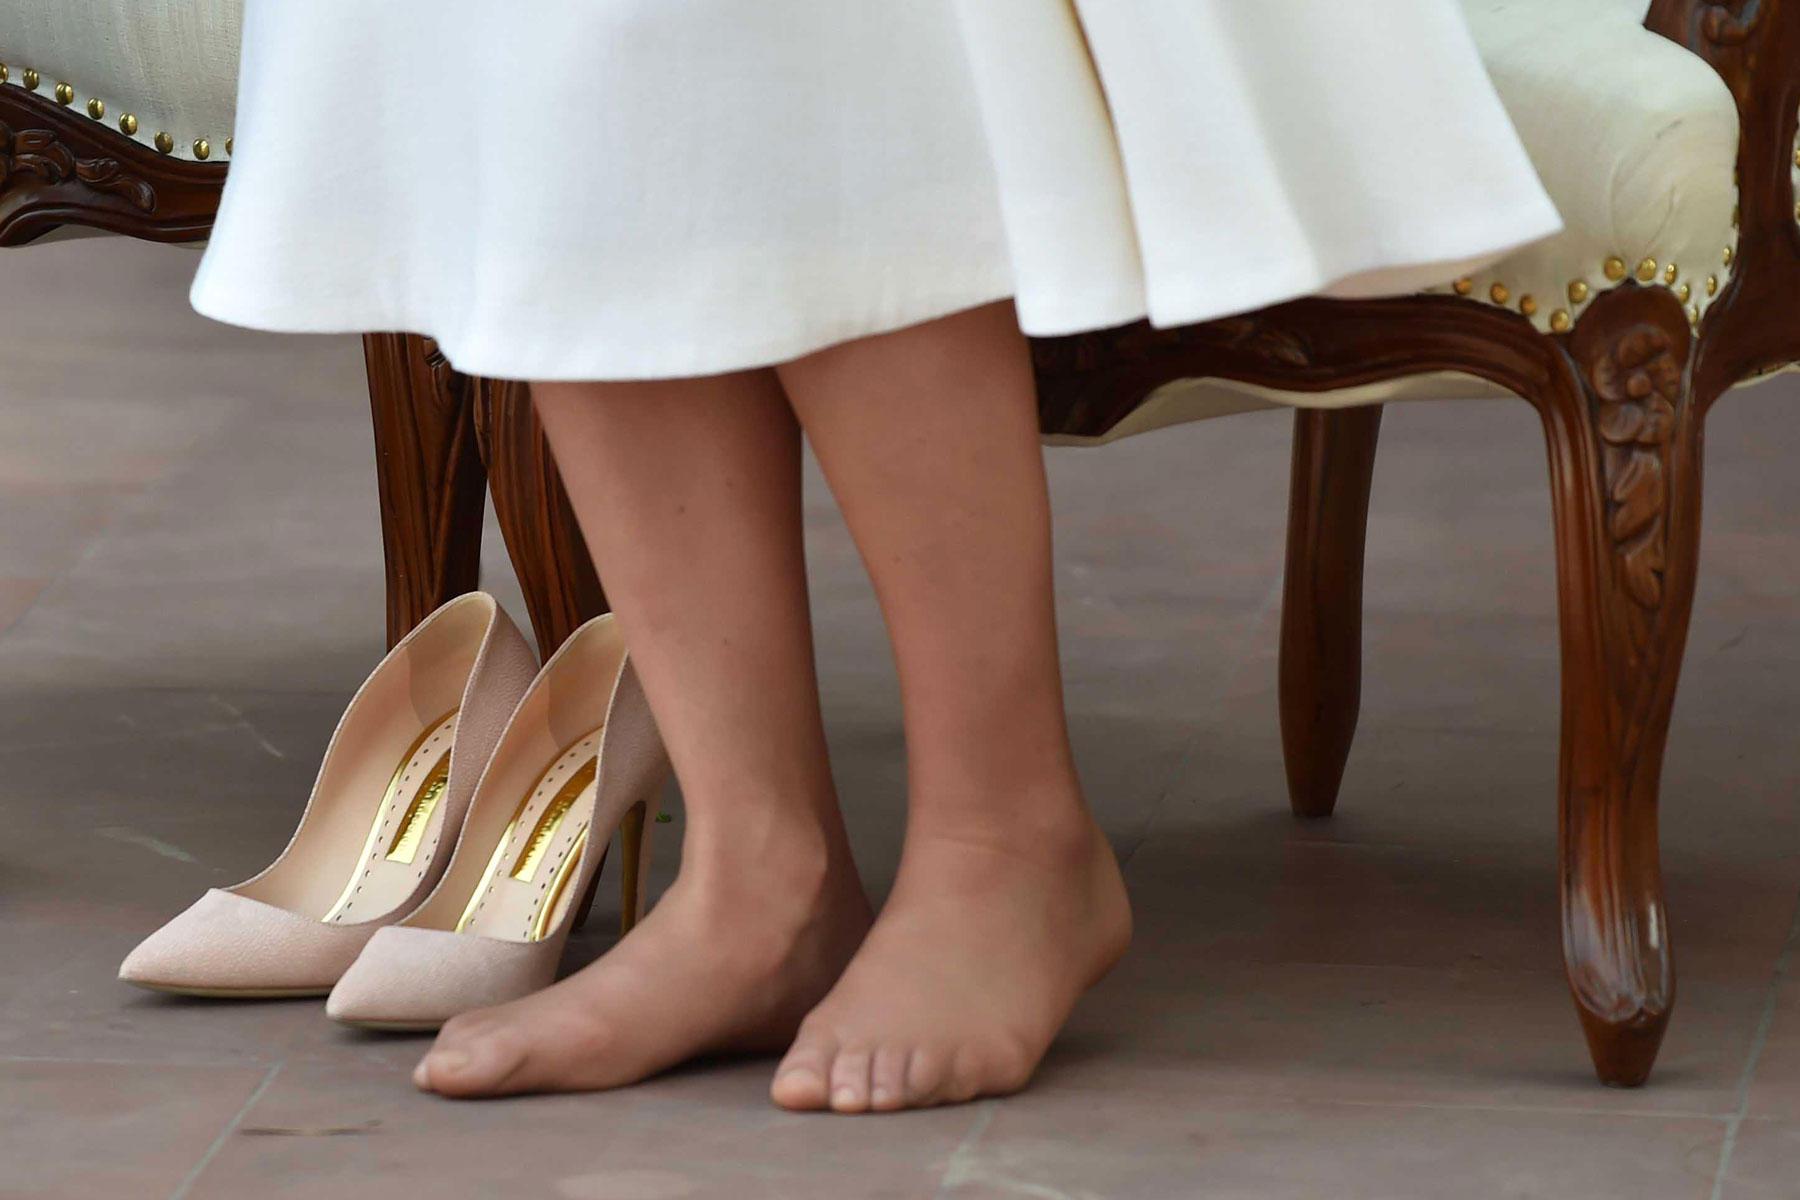 Autsch - da hat Herzogin Catherine aber schon einige Druckstellen und verschobene Zehen durch das Tragen von spitzen High Heels. Bei ihrer Indienreise wurde das augenscheinlich.